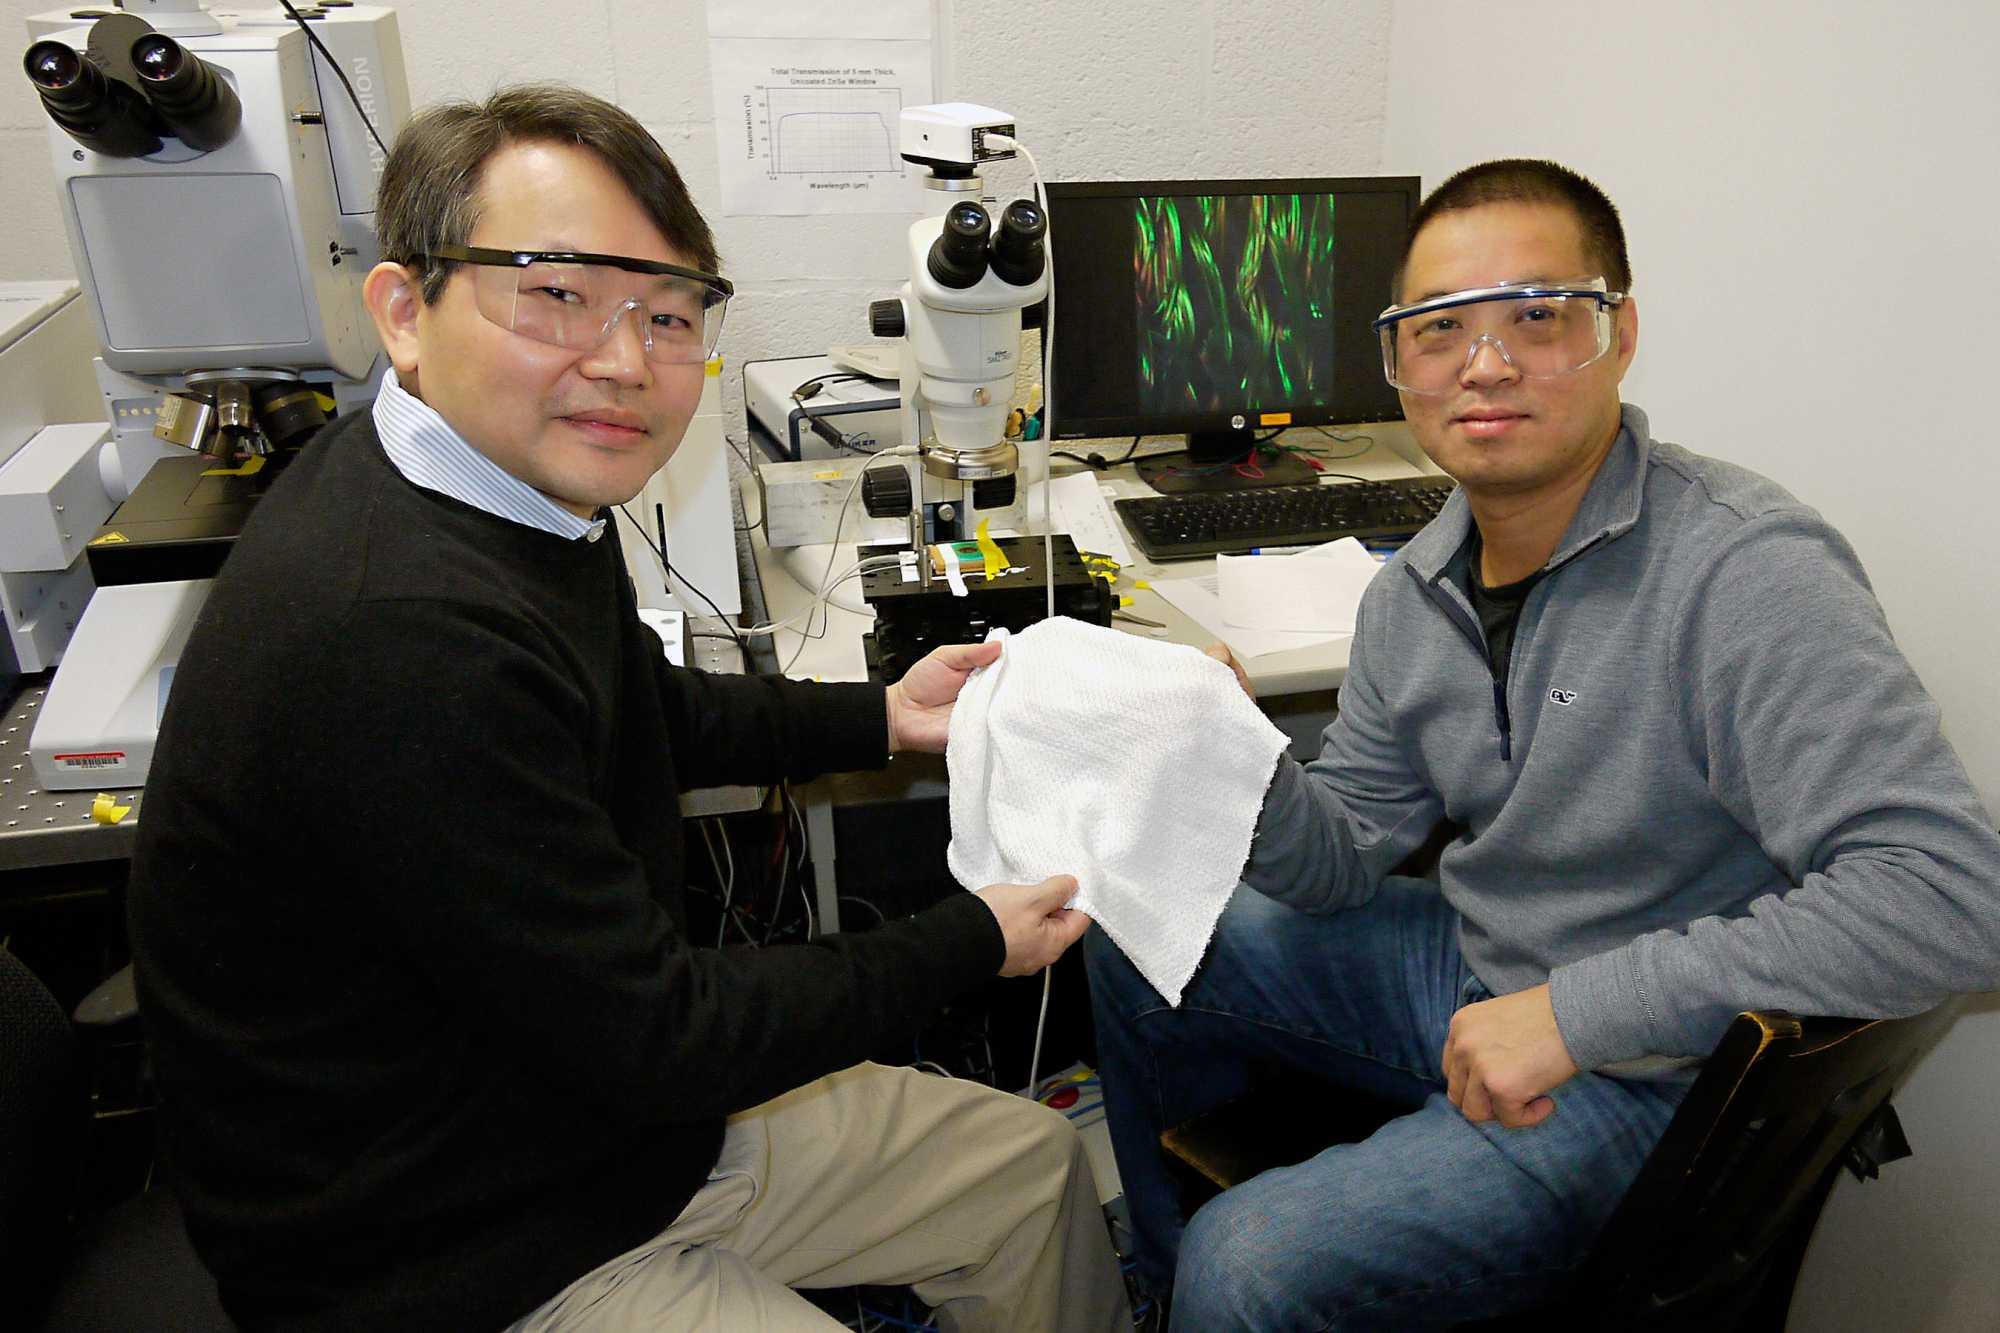 Professor für Chemie und Biochemie an der Universität von Maryland YuHuang Wang (links) and Physik Professor Min Ouyang halten ein Stück ihres neu entwickelten Stoffes. Er passt sich automatisch an die Körperwärme seines Trägers an.